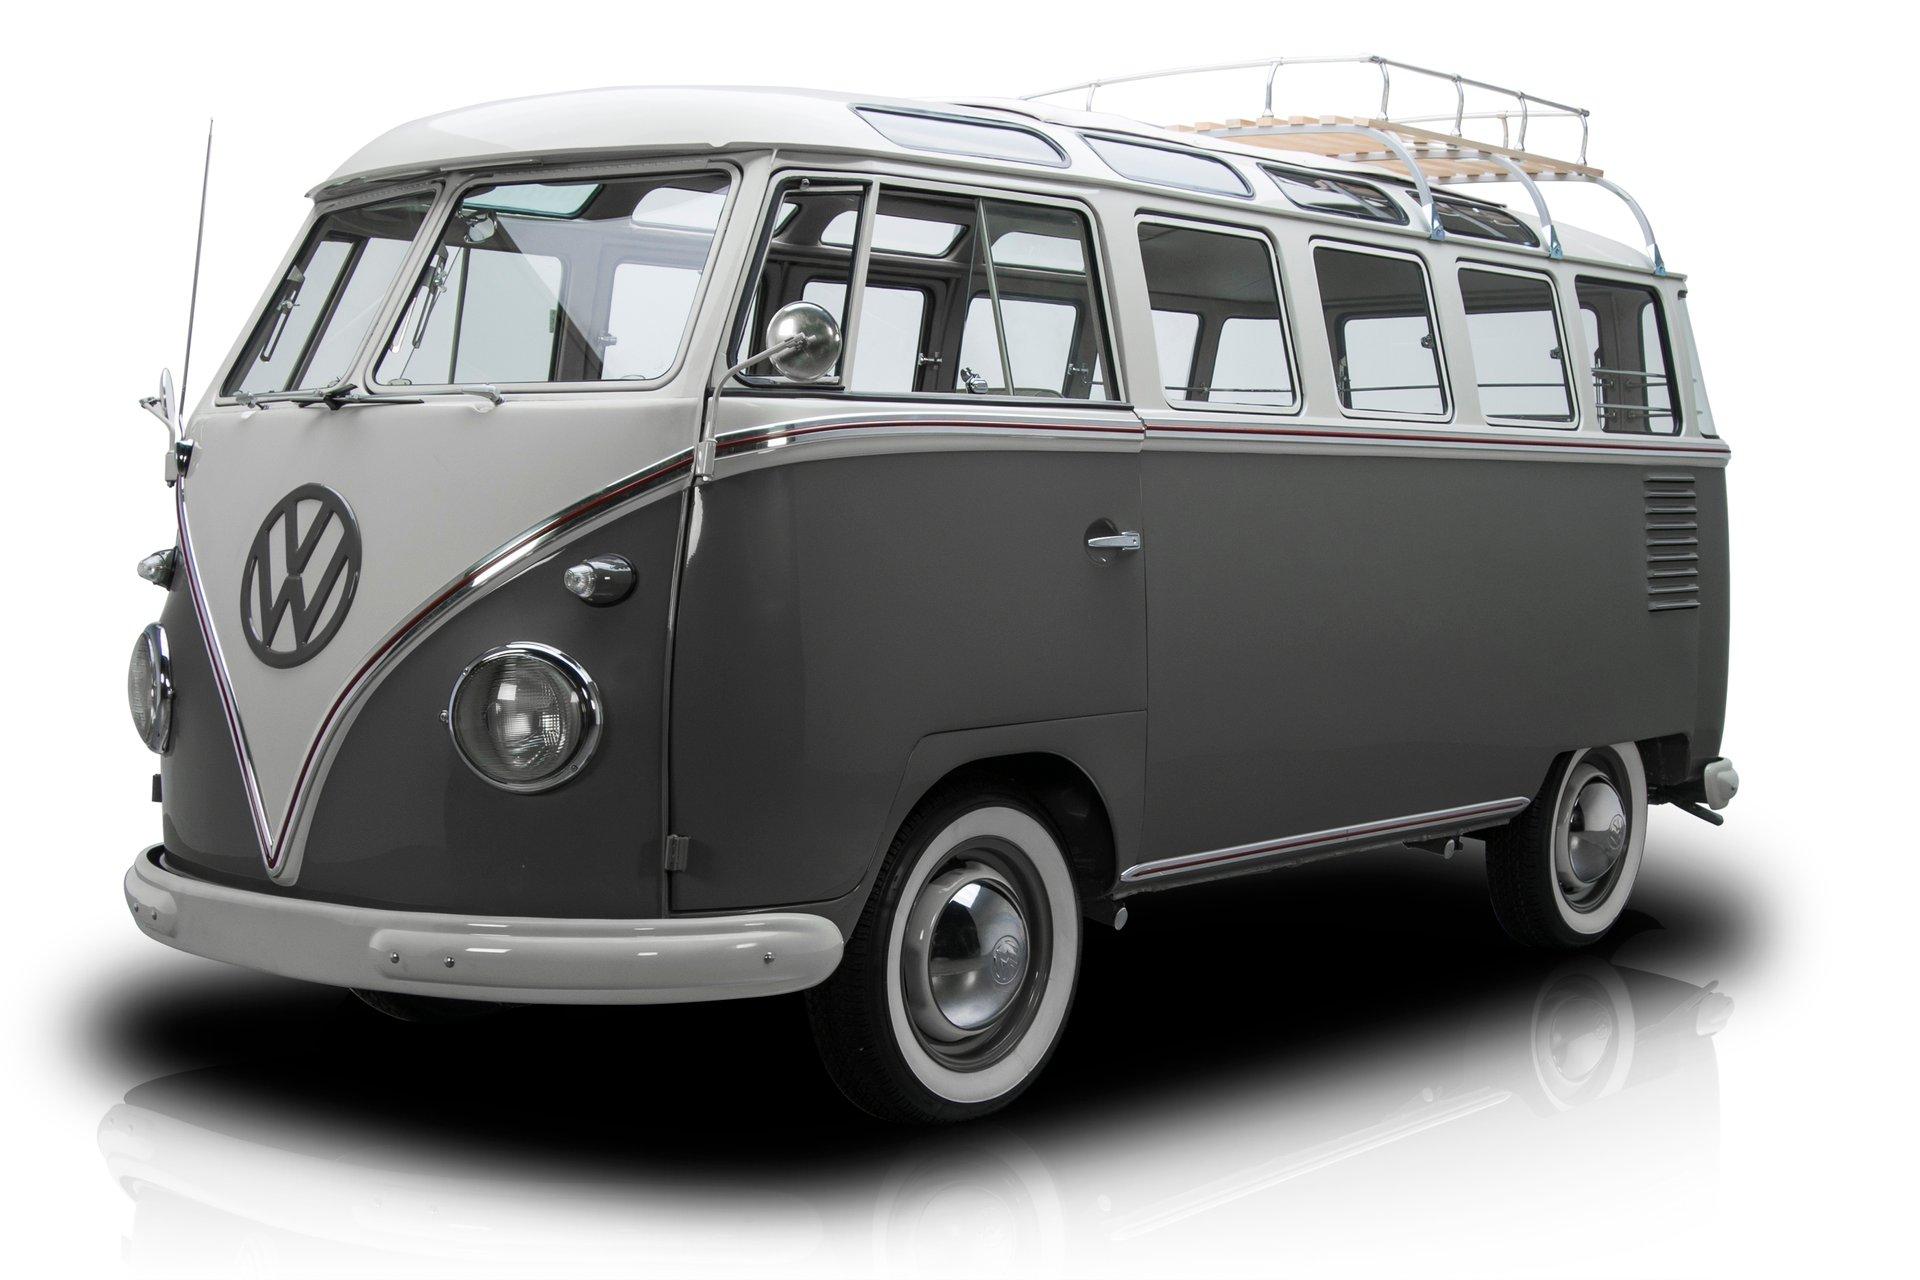 1960 volkswagen kombi 23 window bus